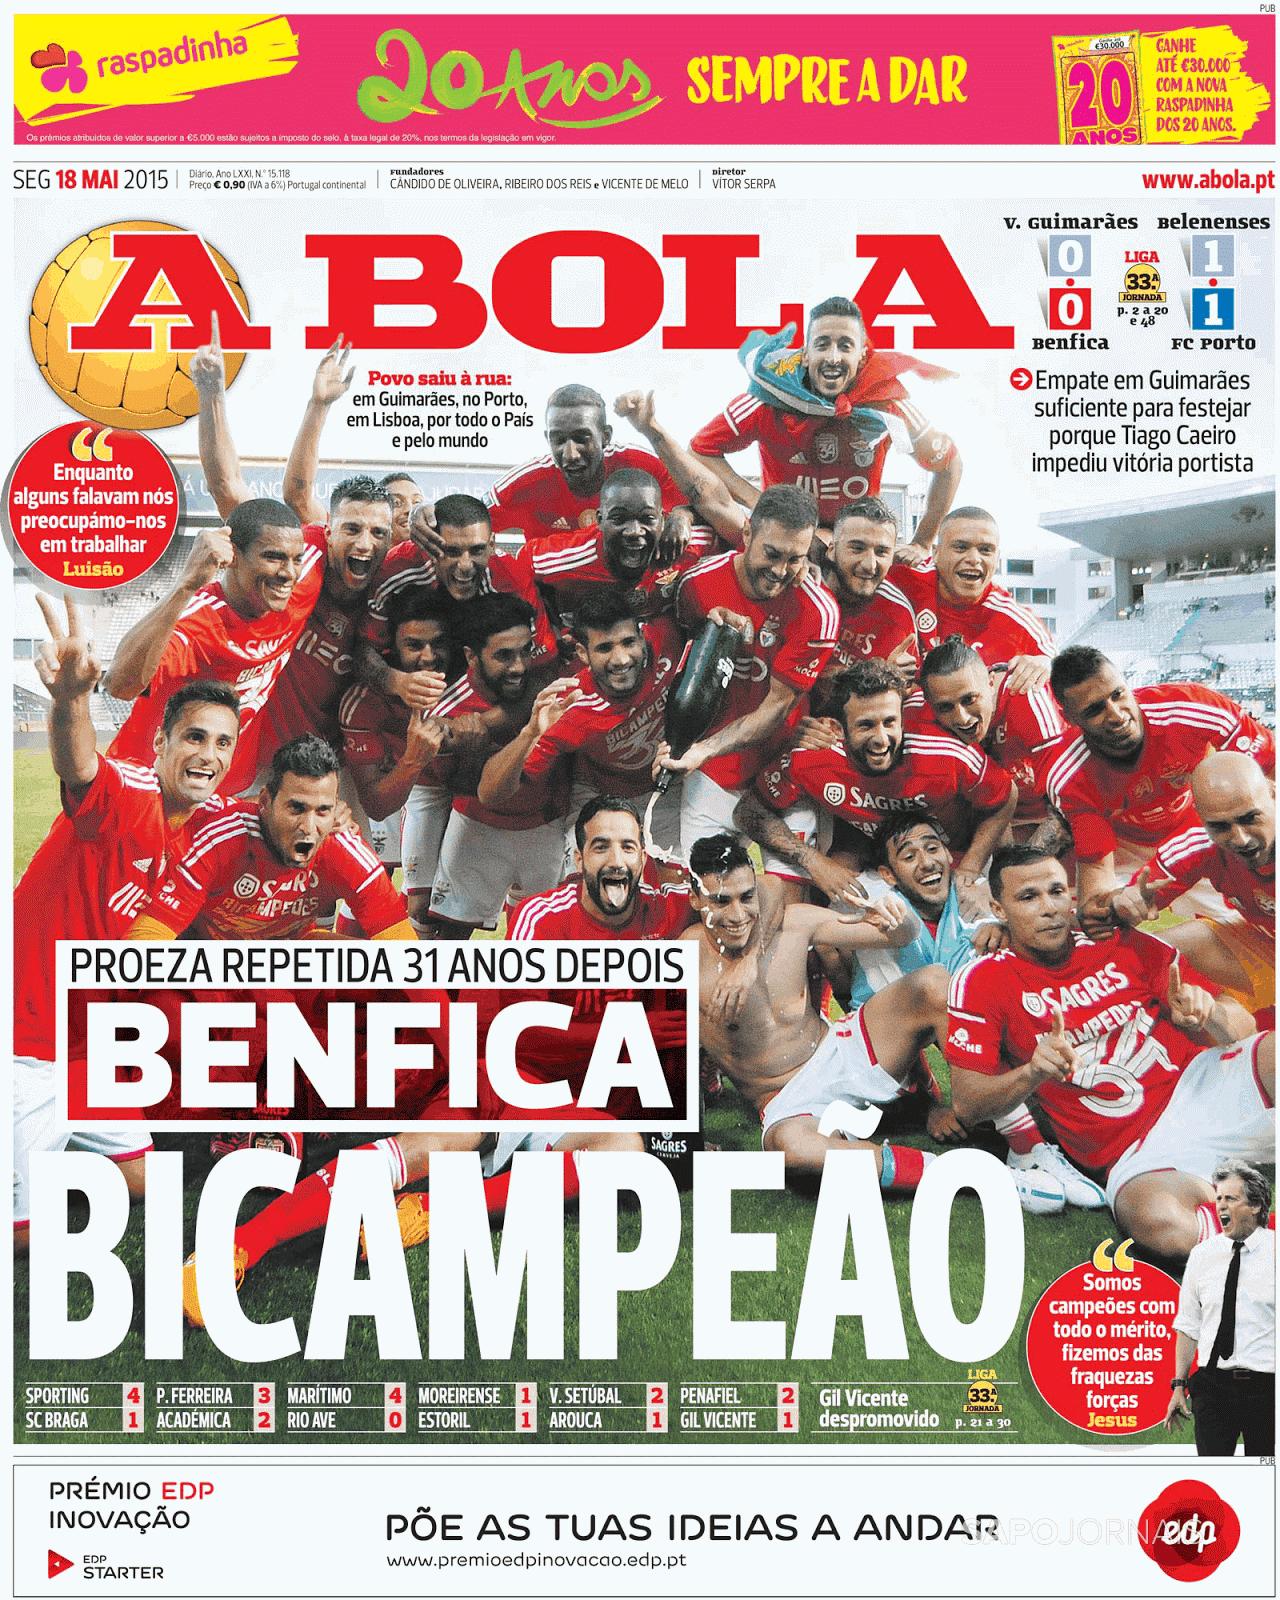 Benfica Bicampeão 2014-2015